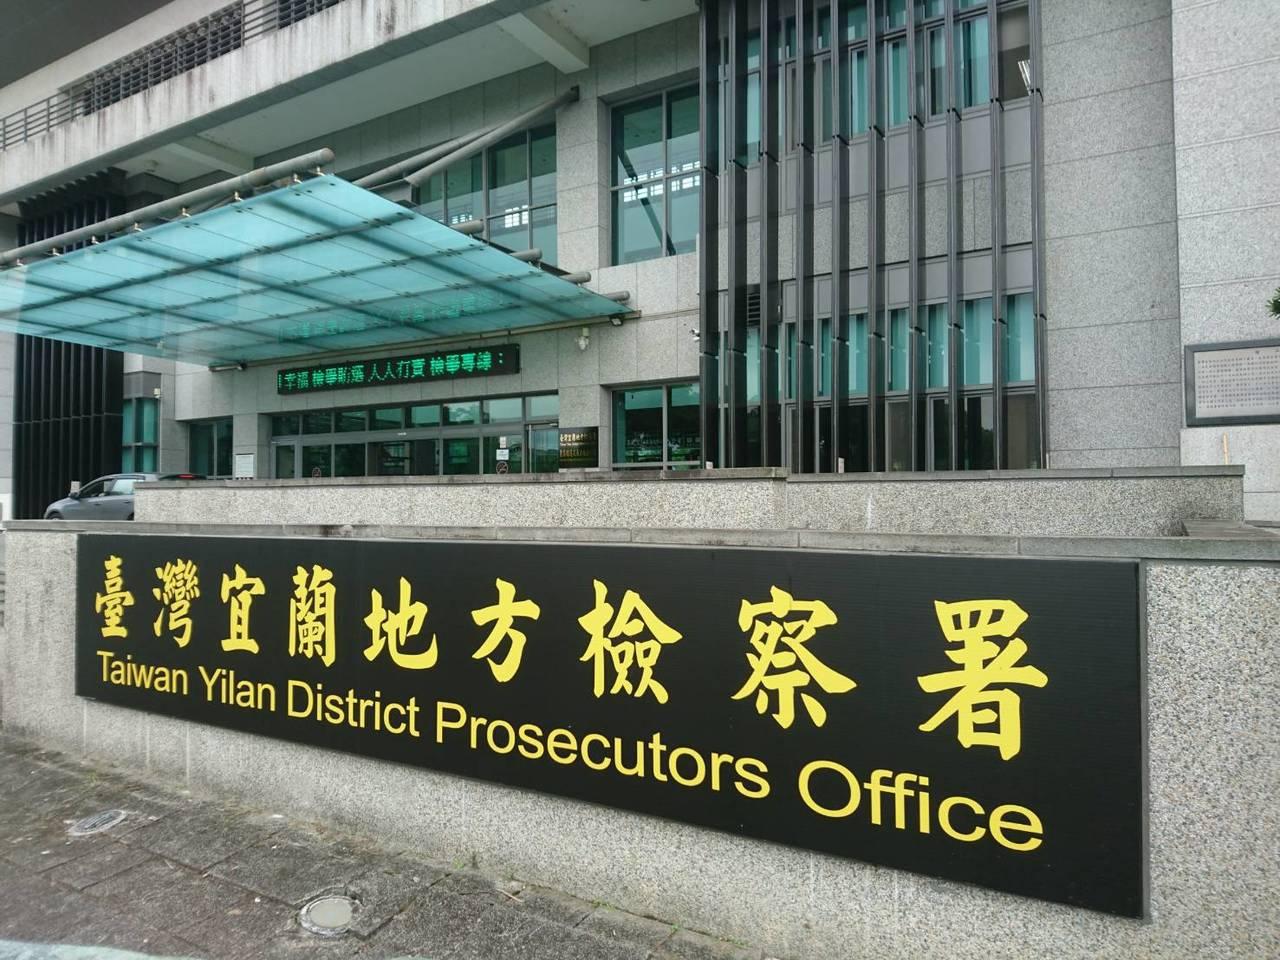 宜蘭地方地檢署表示,申告人藉由媒體報導表示對偵查結果不服,而且對於申告性質屬於「...